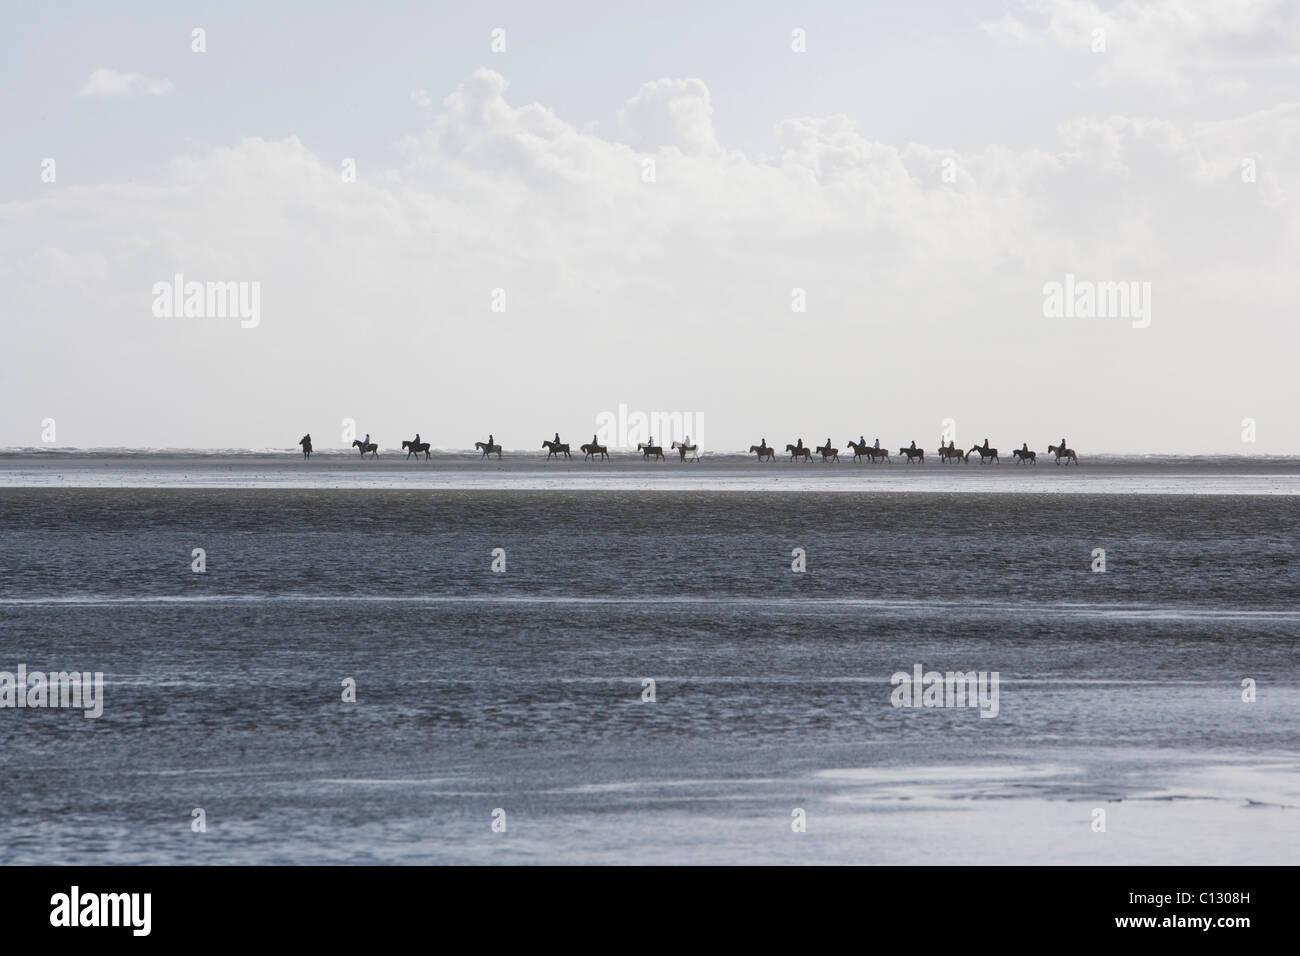 Grupo de corredores en la distancia en la playa Imagen De Stock